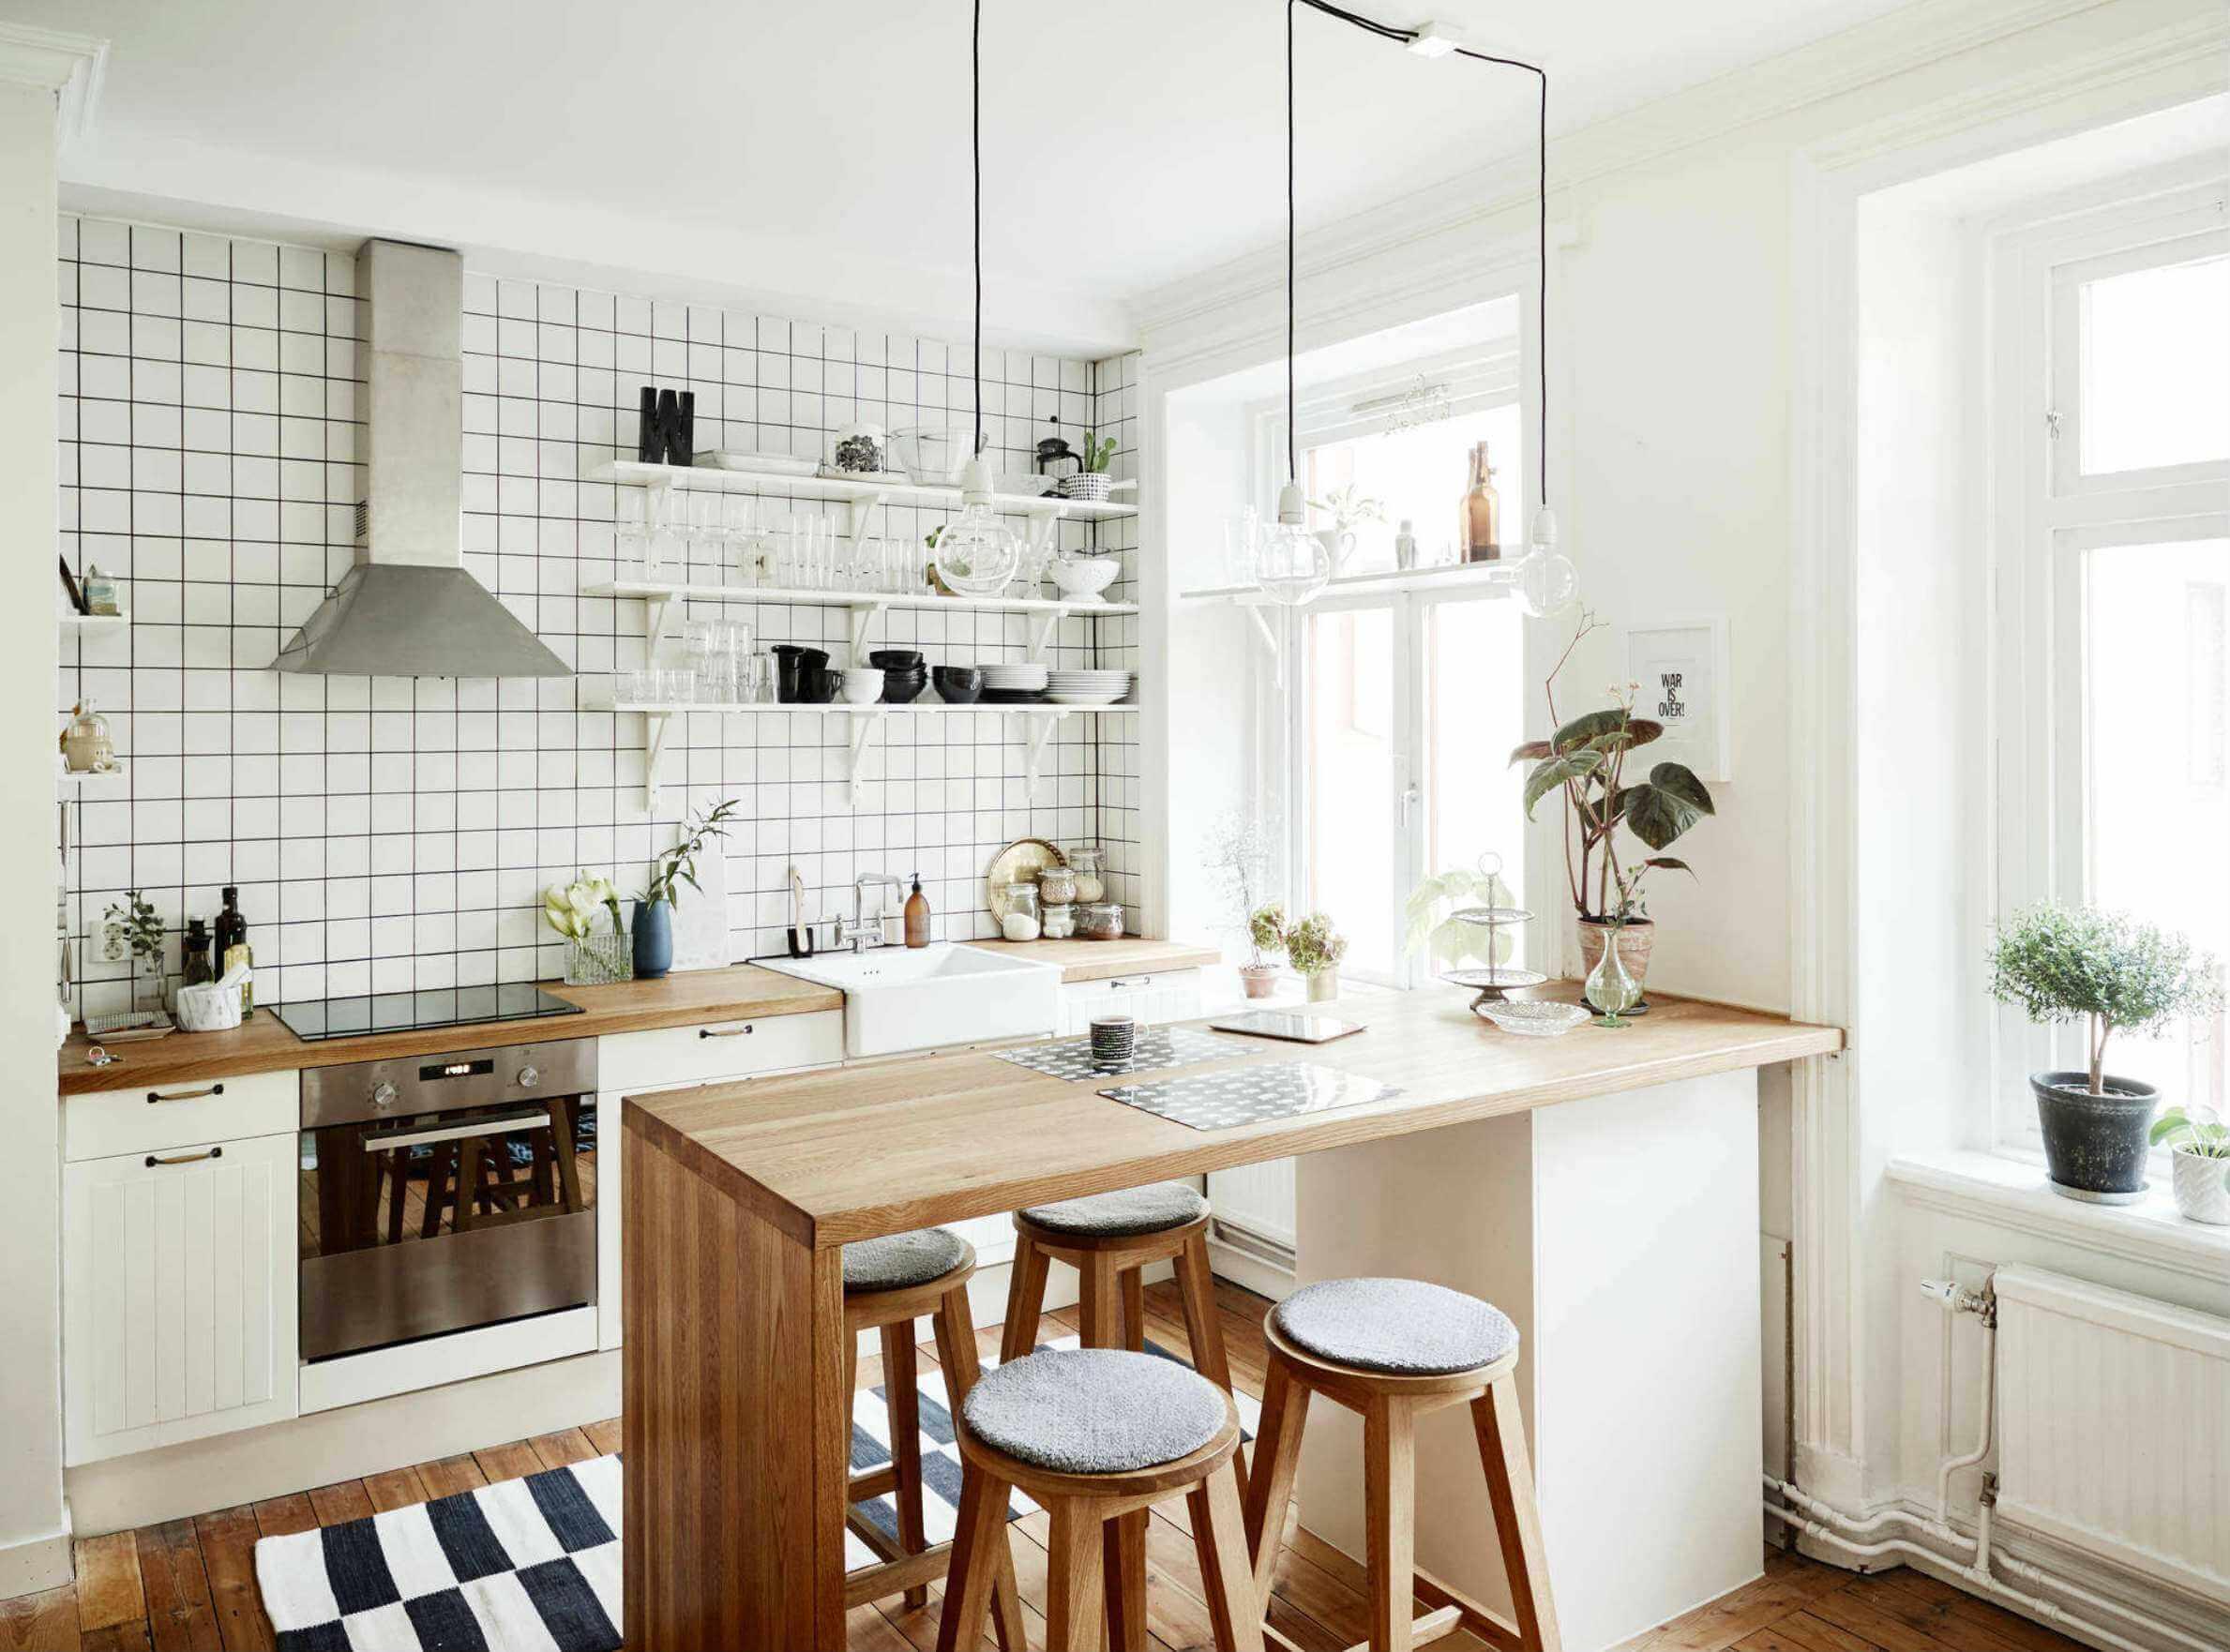 Contemporary Small Kitchen Designs